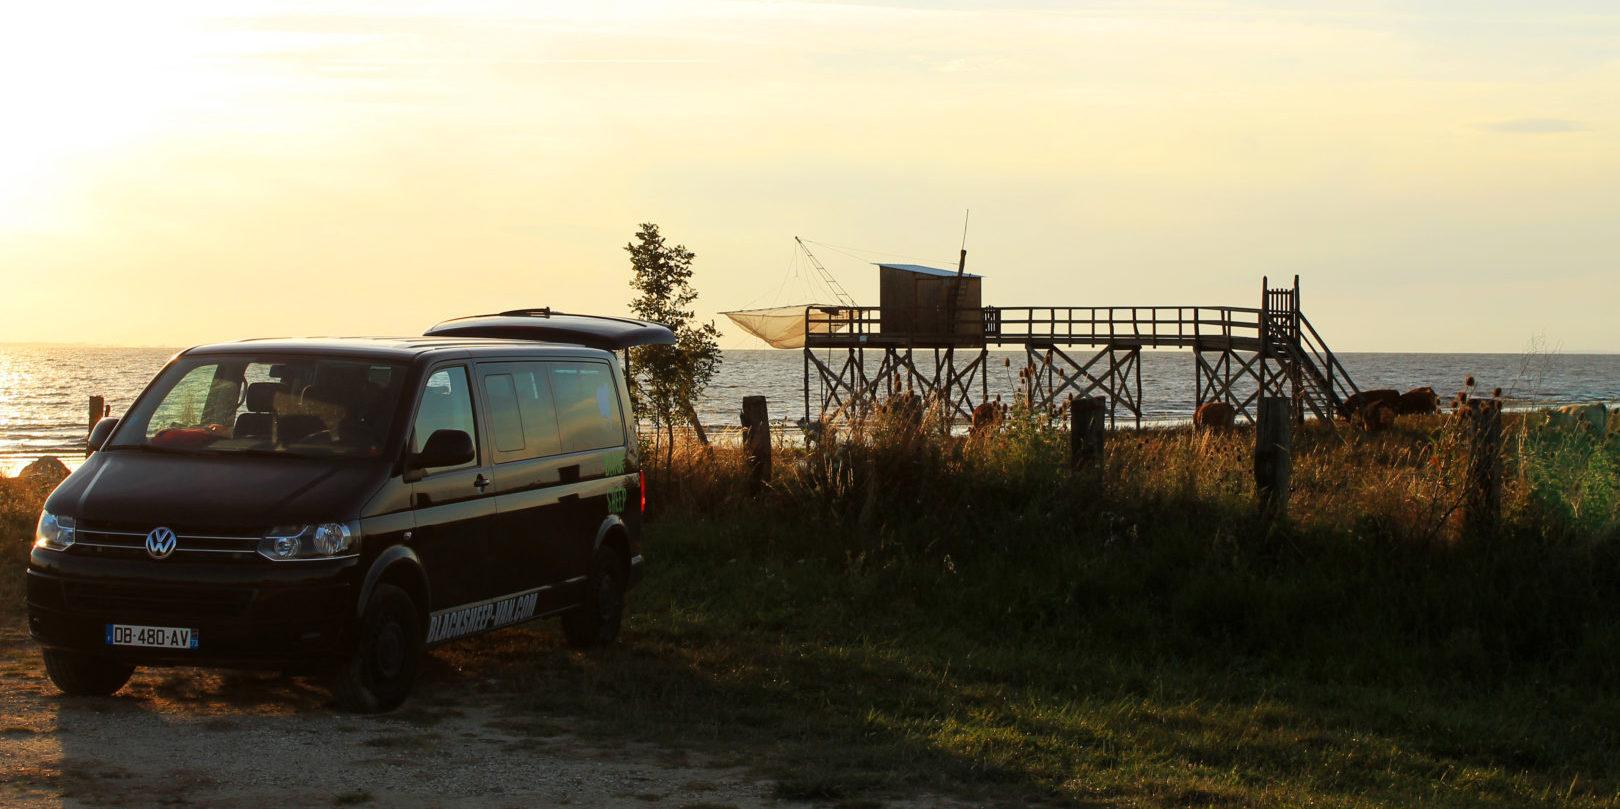 Corsica Frankrijk campervans Blacksheep minivan CLASSIC BLACKSHEEP kamperen overnachten zonsondergang visserij zeekant